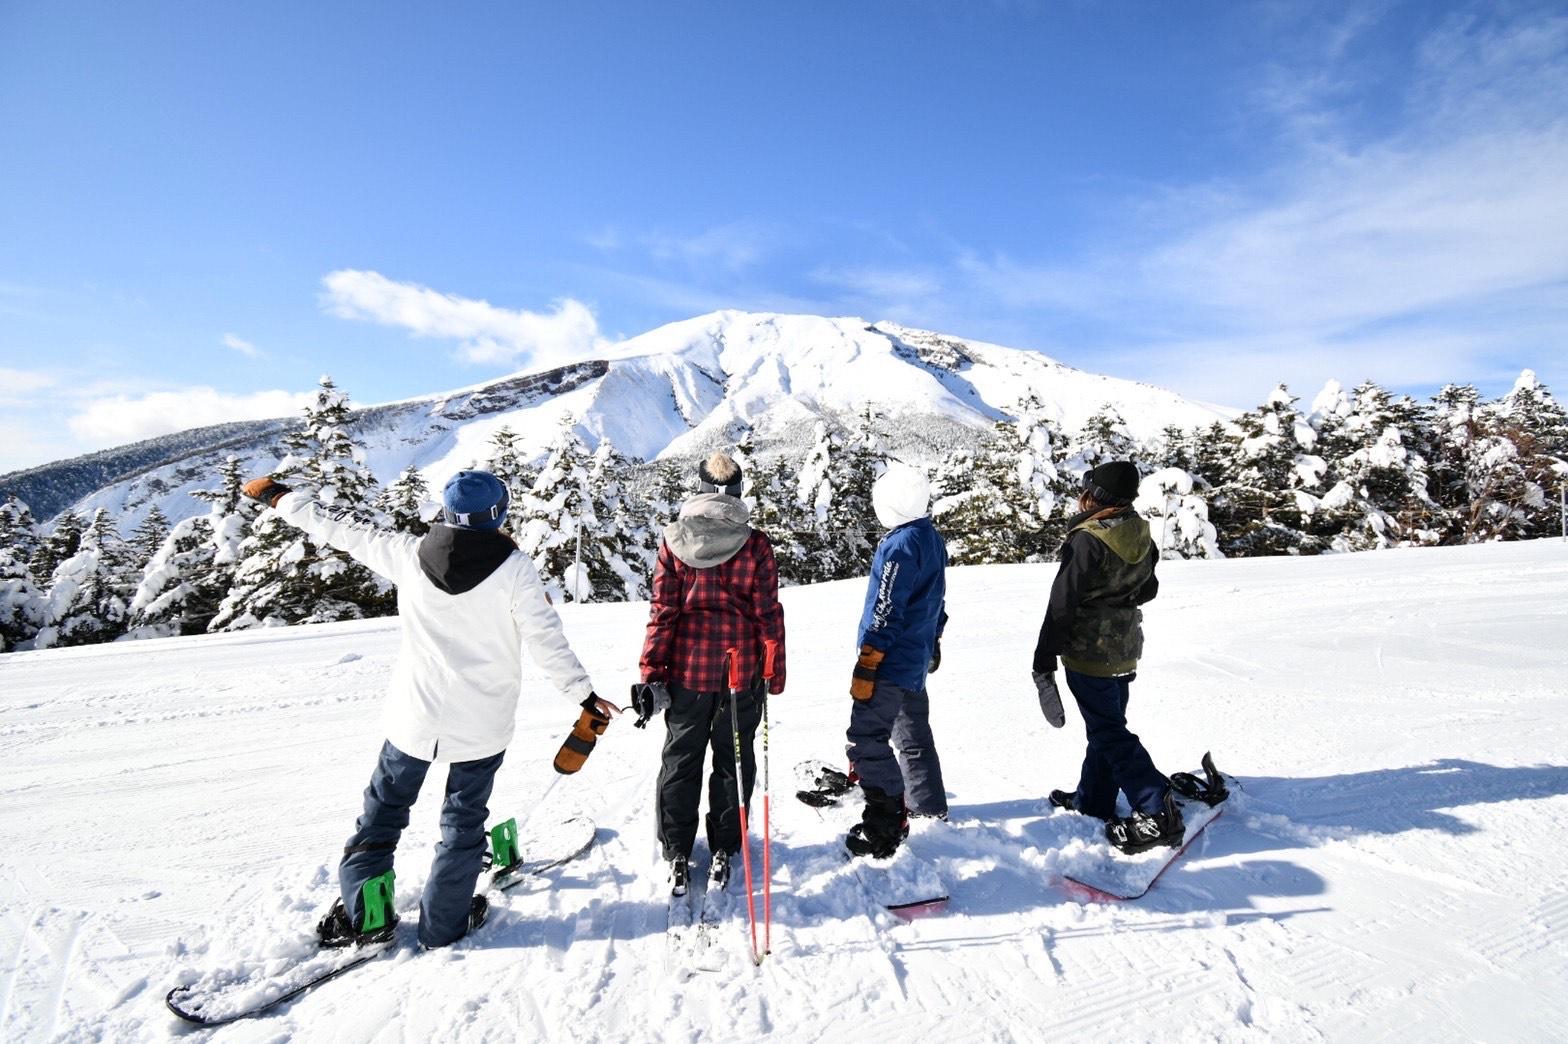 (長野県/御岳)予想以上に楽しく貴重な経験が出来たスキー場のリゾートバイト